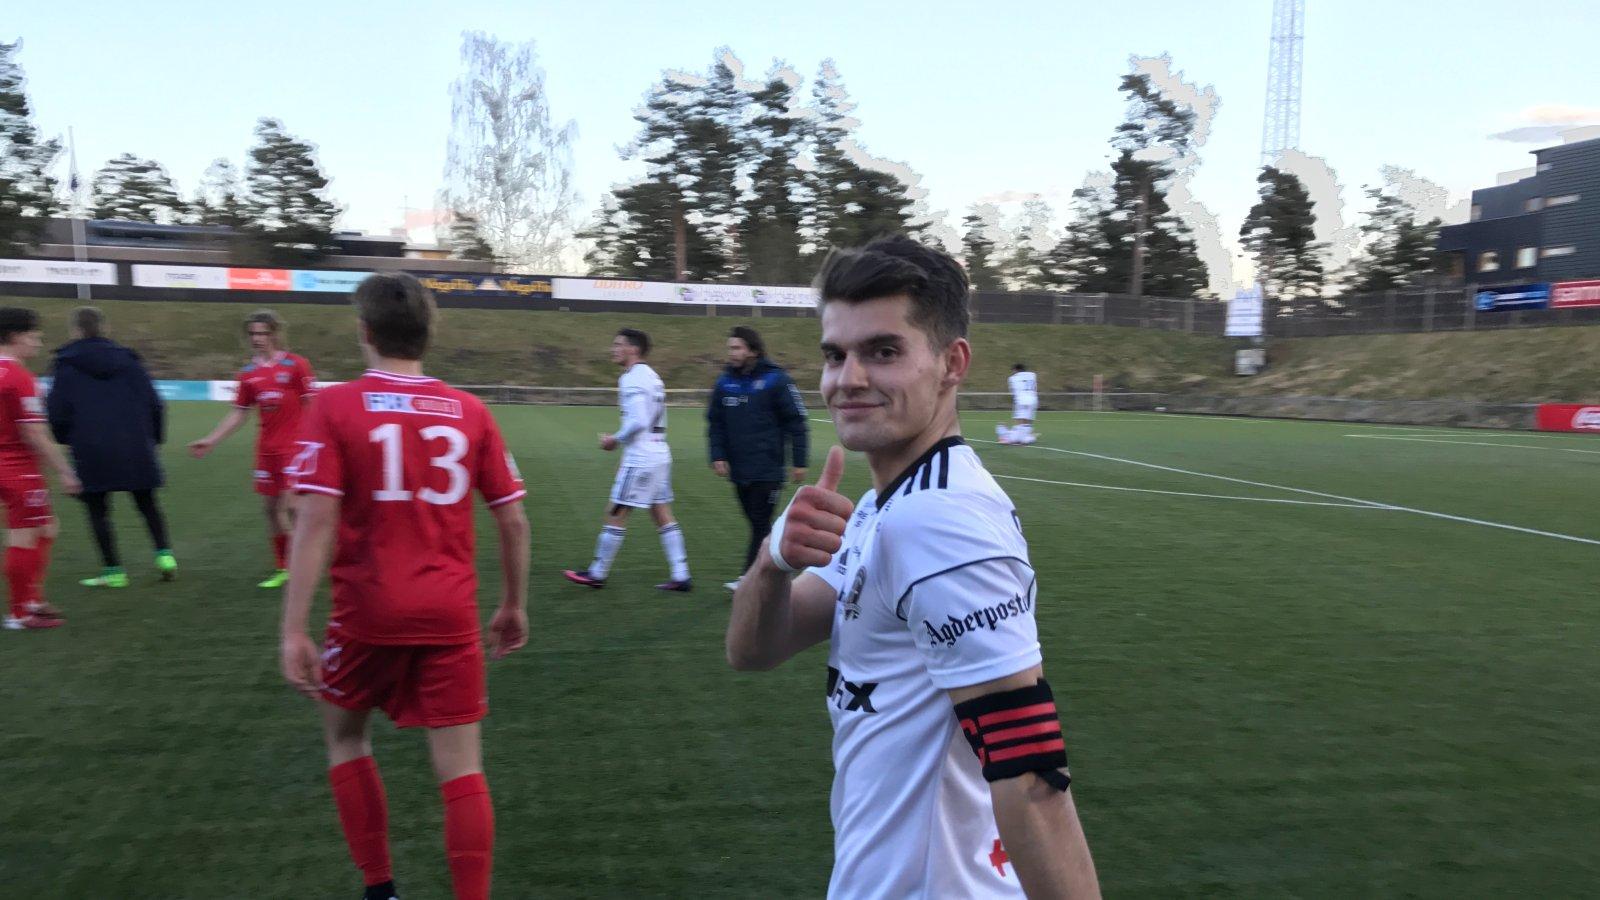 Ylldren Ibrahimaj vikarierte som kaptein mot FK Tønsberg i cupen. Han scoret to mål og var Arendals beste spiller.